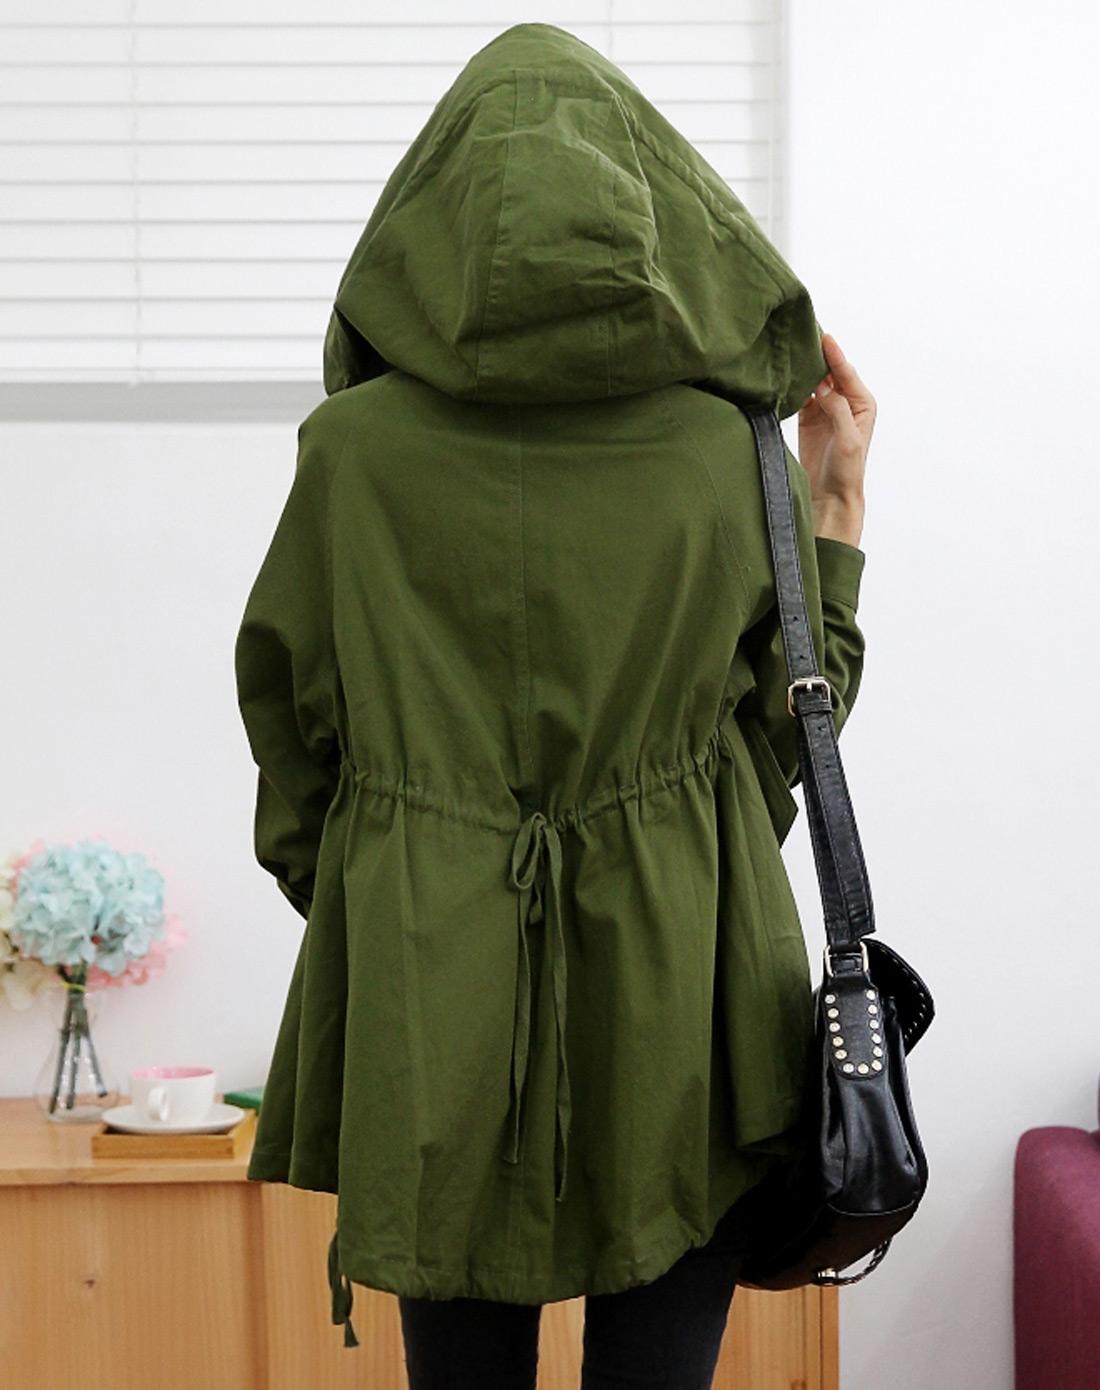 军绿色长袖宽松大码连帽风衣